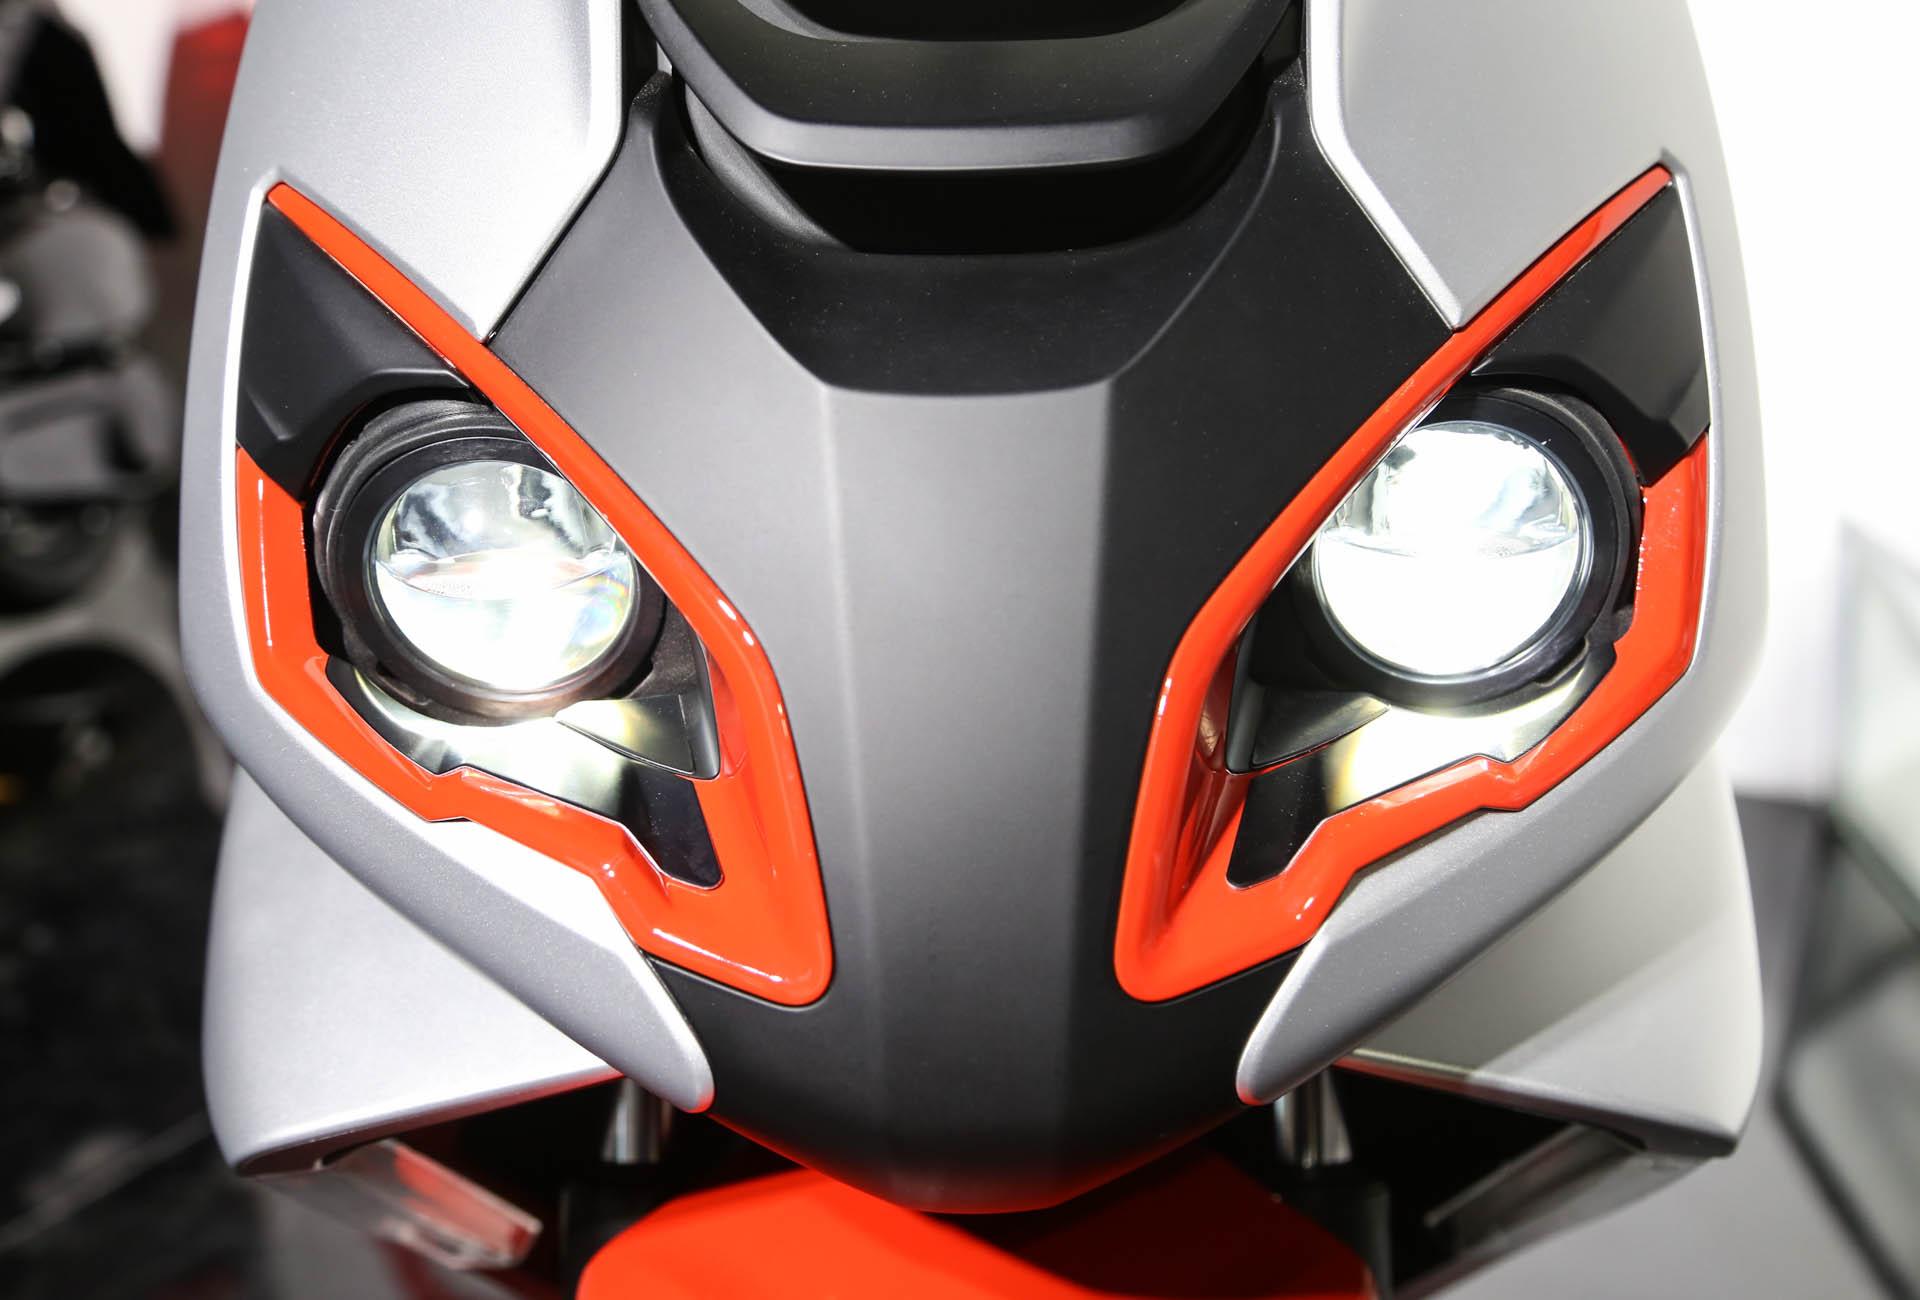 Peugeot huyền thoại xe tay ga đã về với Việt Nam